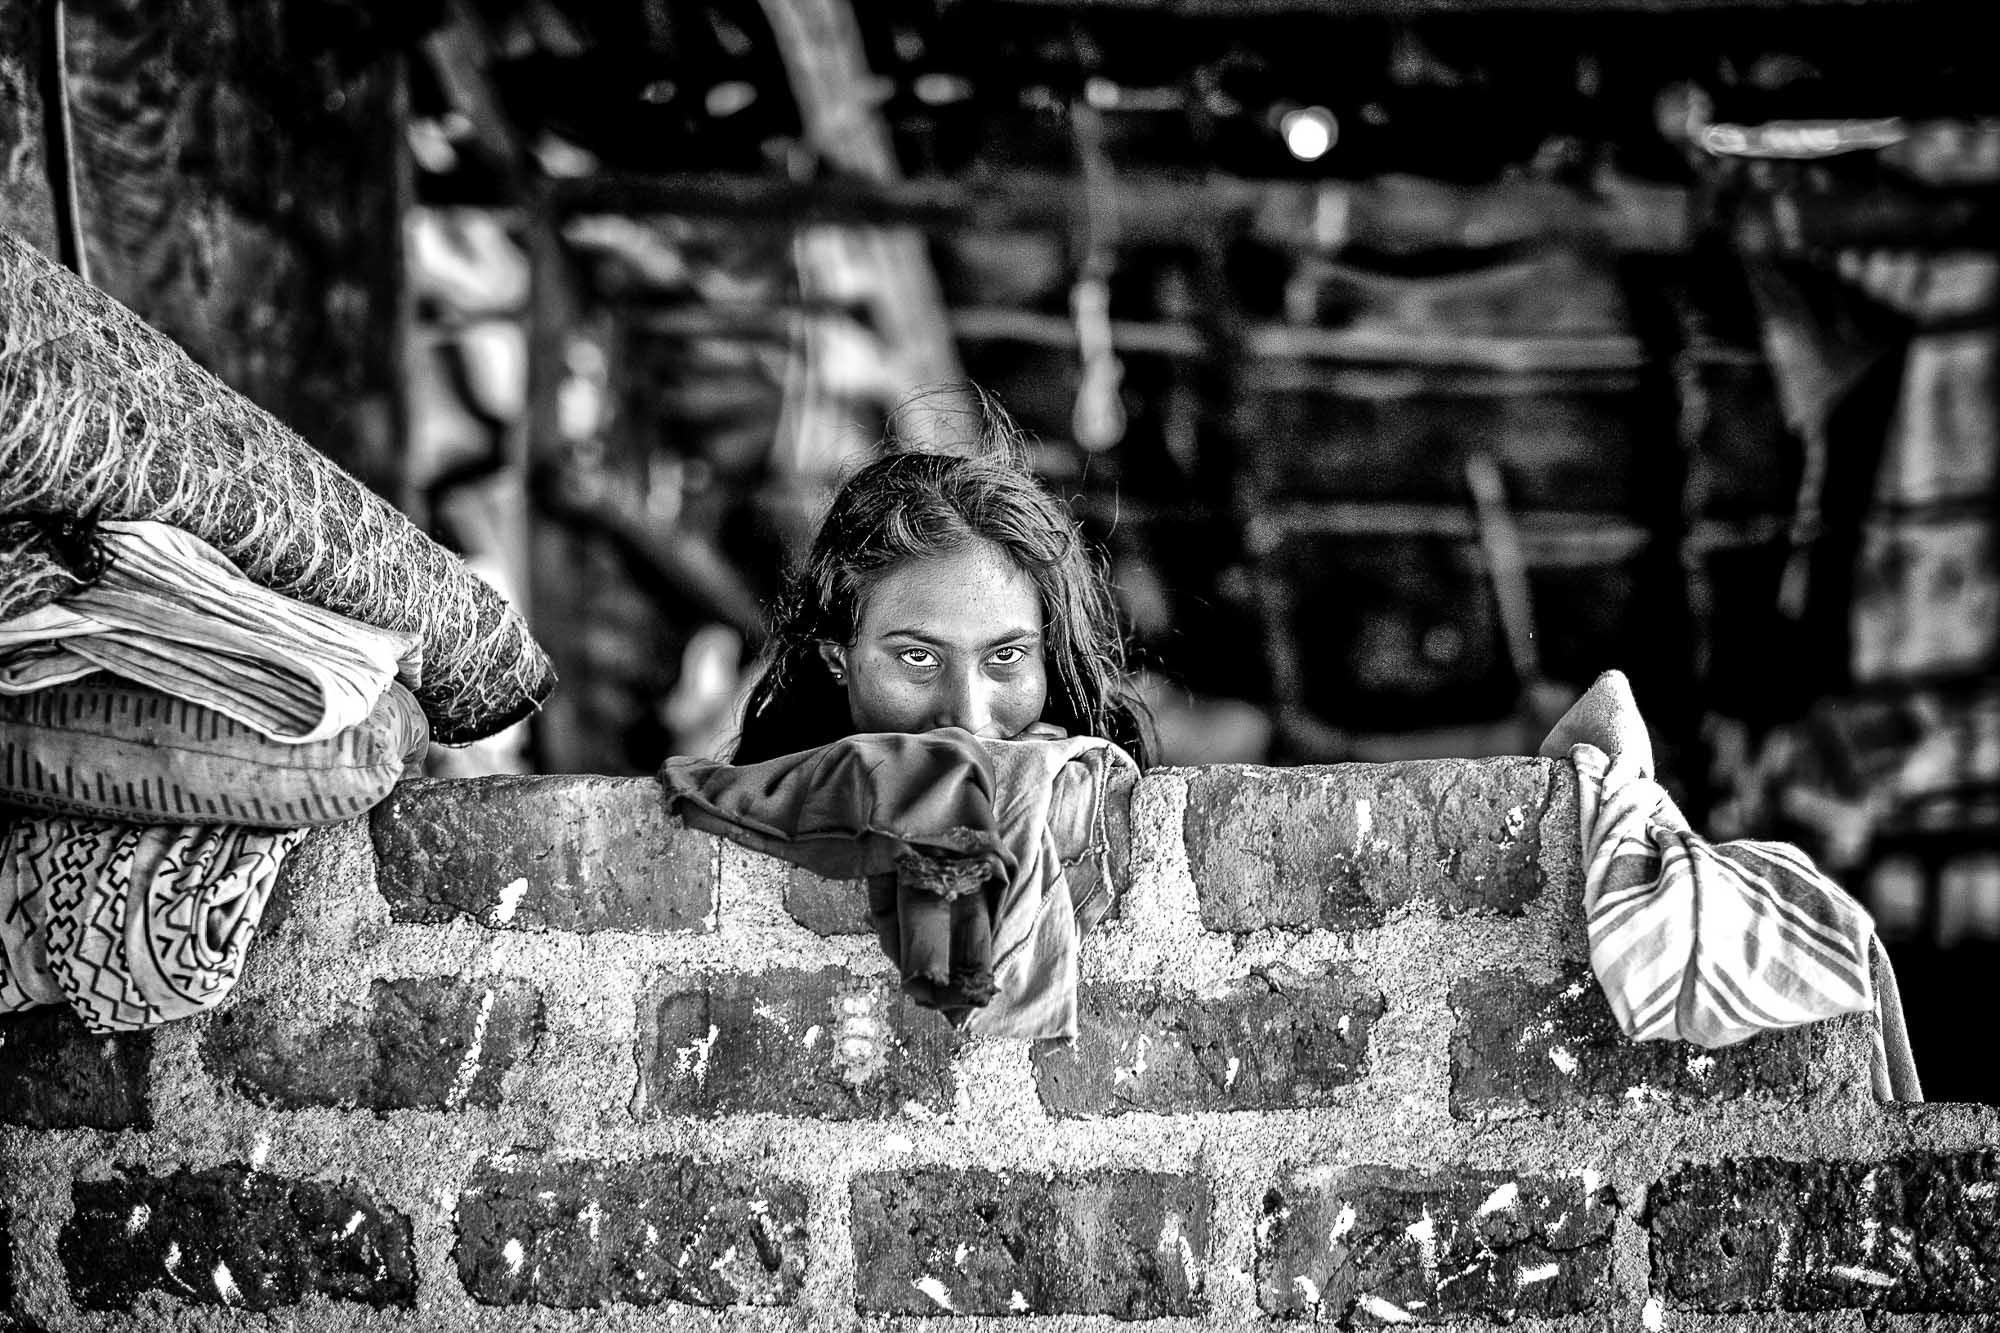 Vadda sri lanka indingenous group people photography - veddas women house eyes